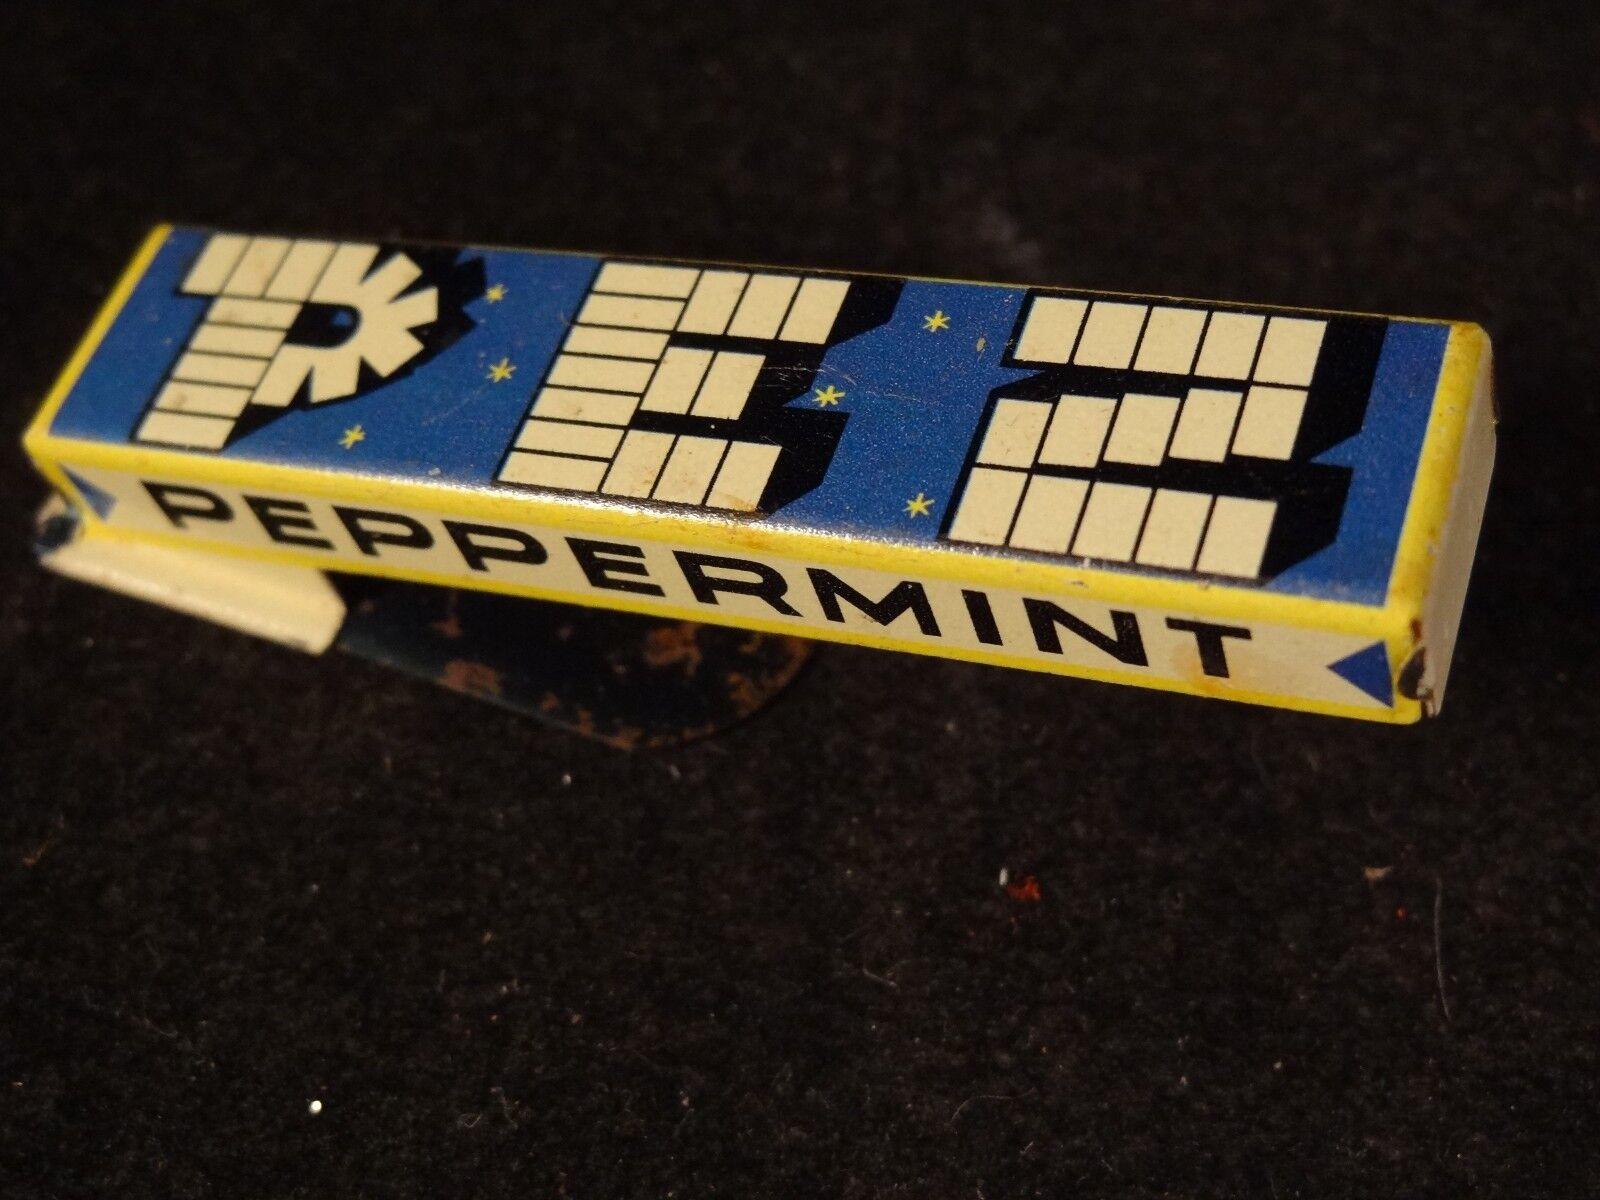 Ancien jouet publicitaire clicker clic-clac pez peppermint tôle us zone germany